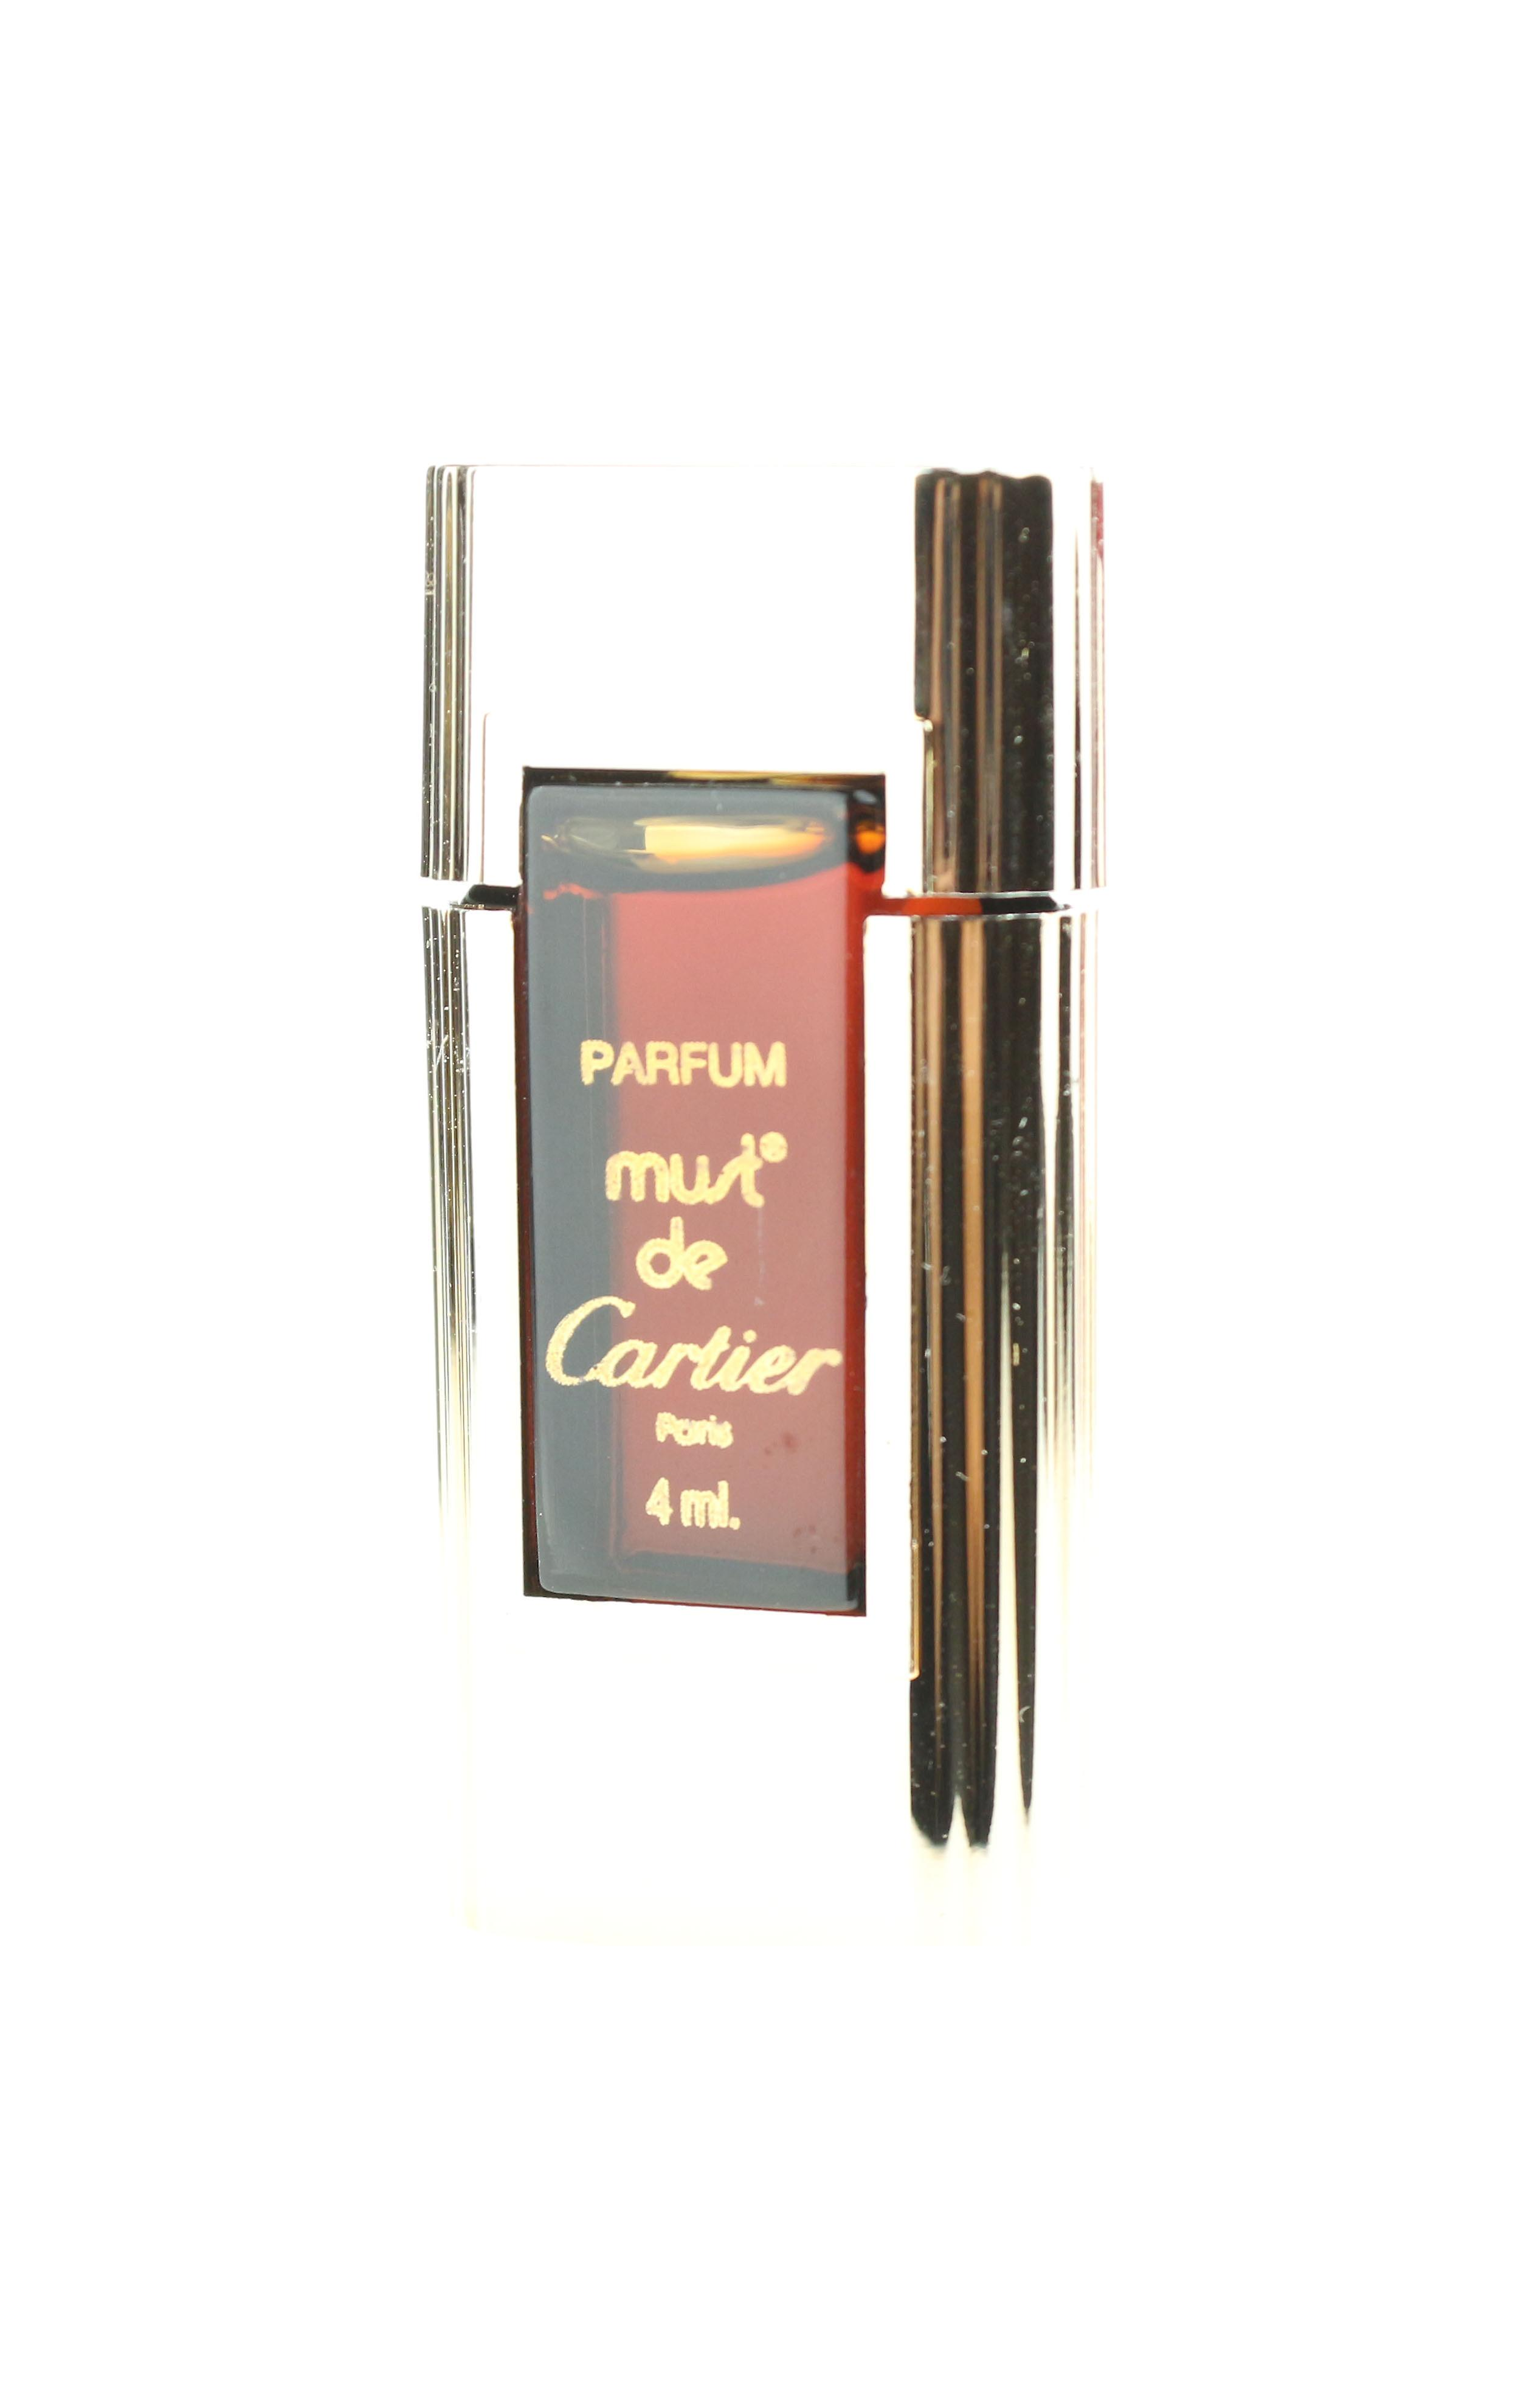 Cartier Must De Cartier Parfum 013oz Original Formula Splash